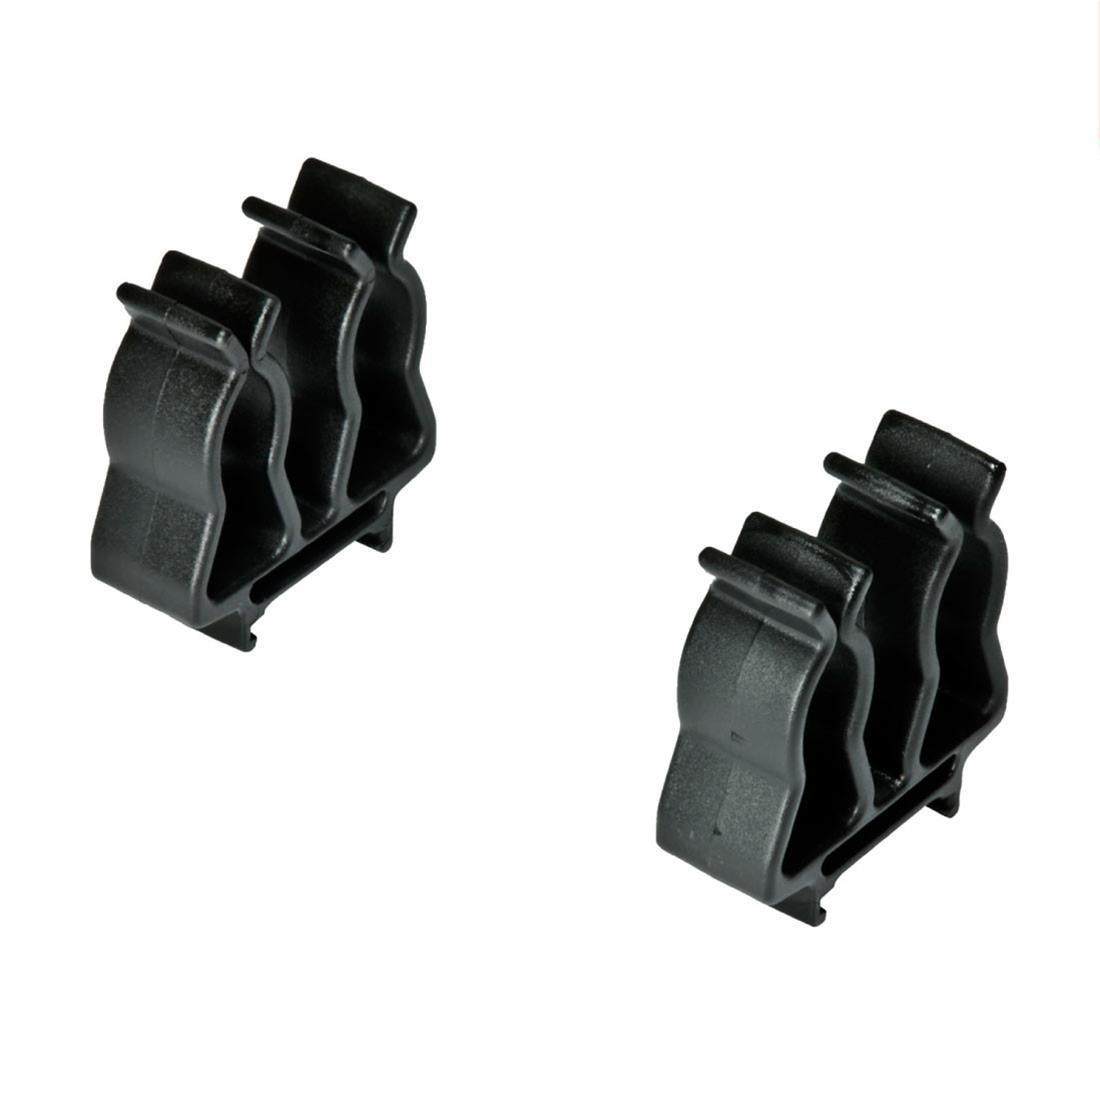 Gray 8350-Gray Ernst Manufacturing Socket Organizer Mounting Kit